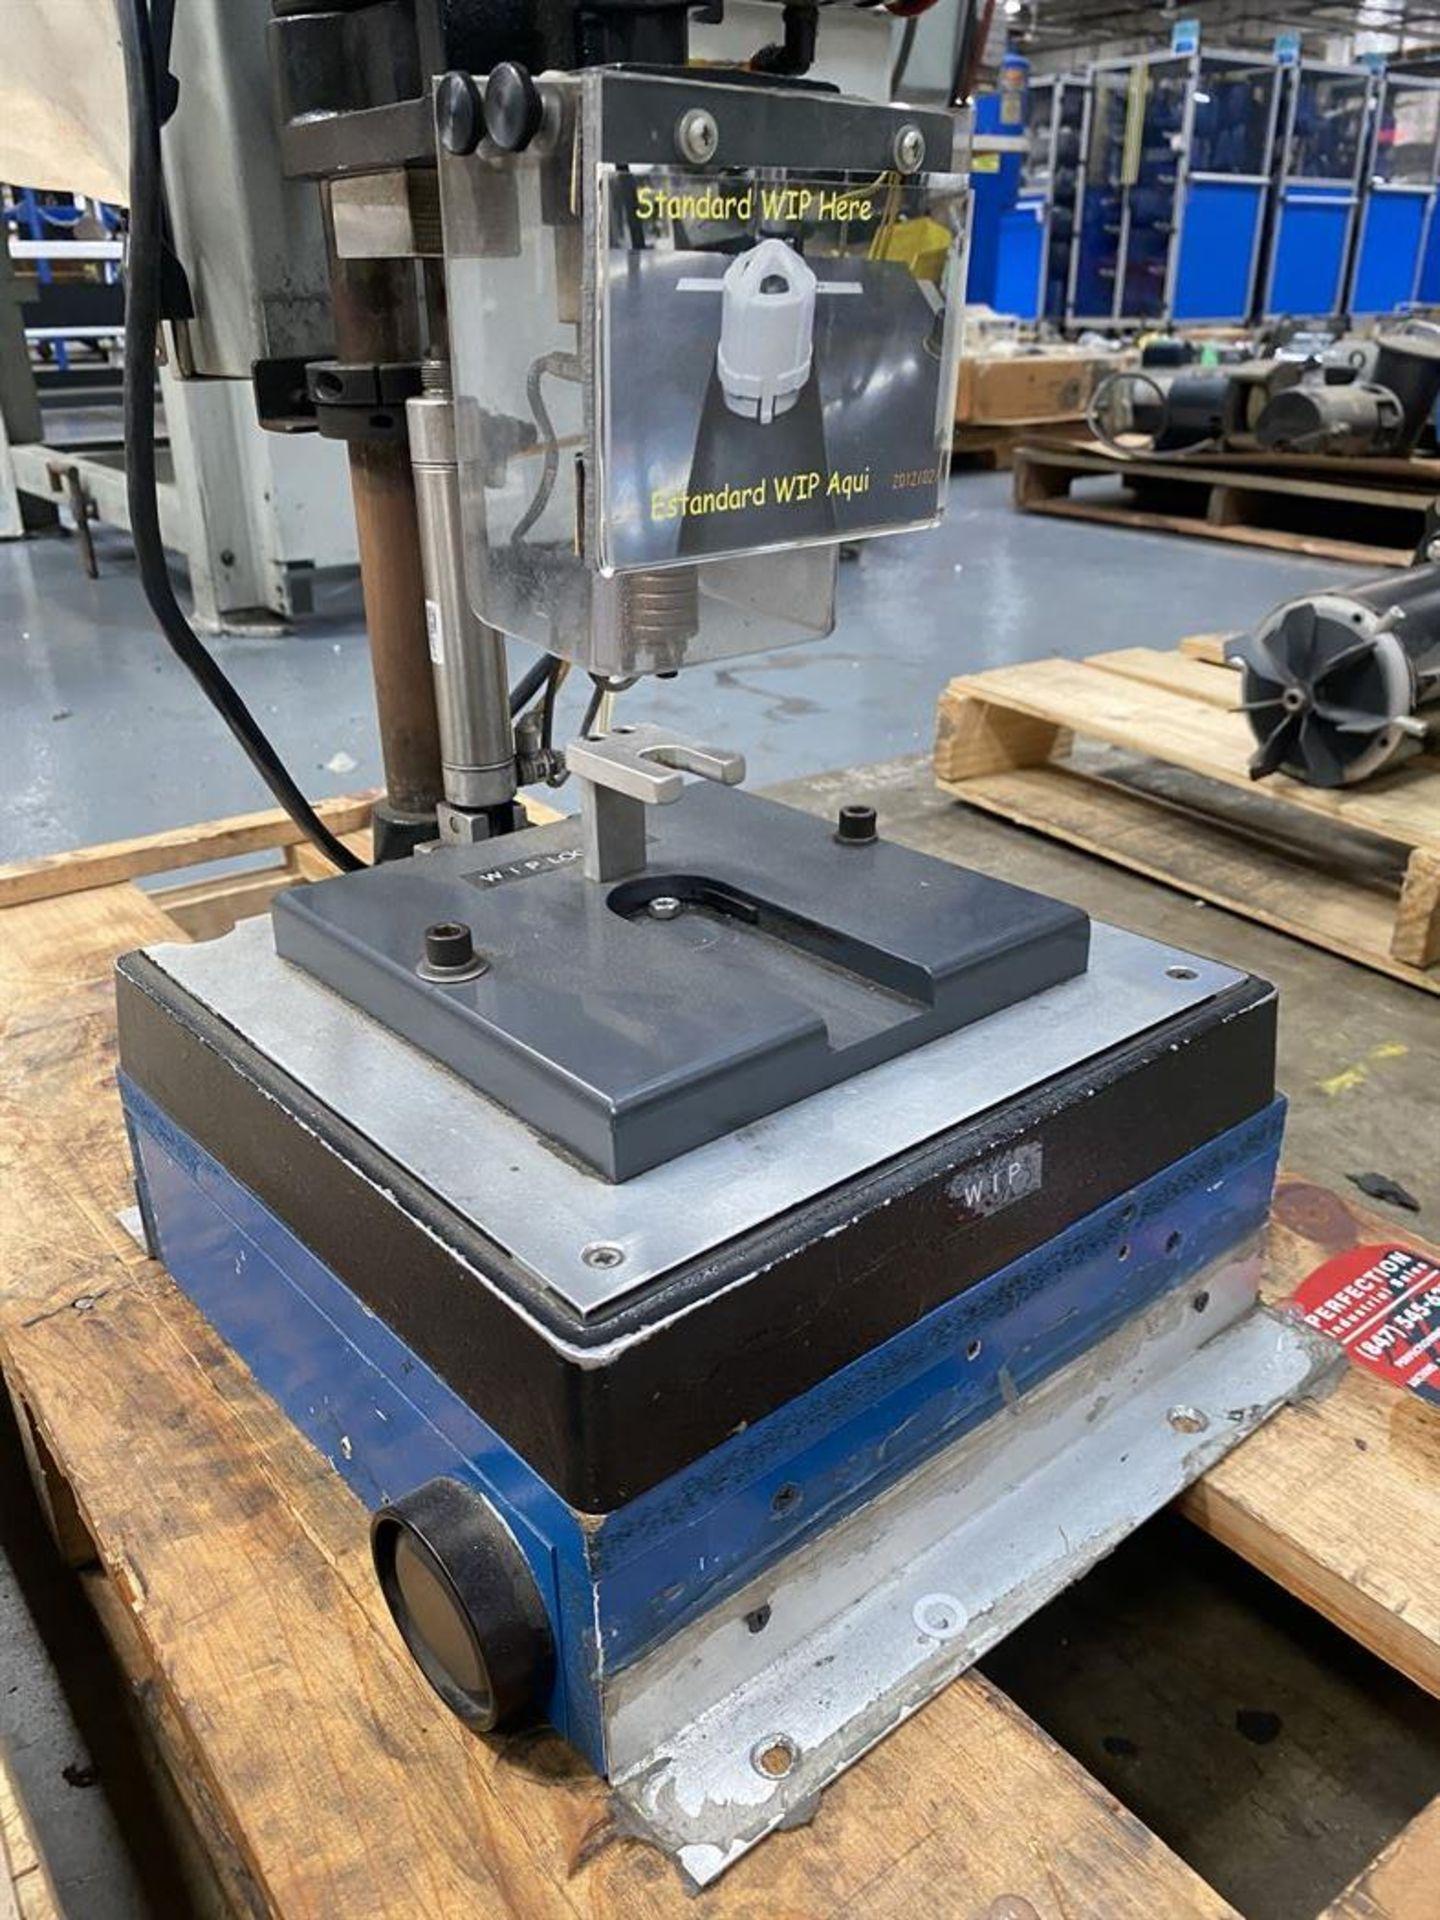 Lot 82 - Sonitek TS 101/1 Heat Staking Press, s/n 100-0098